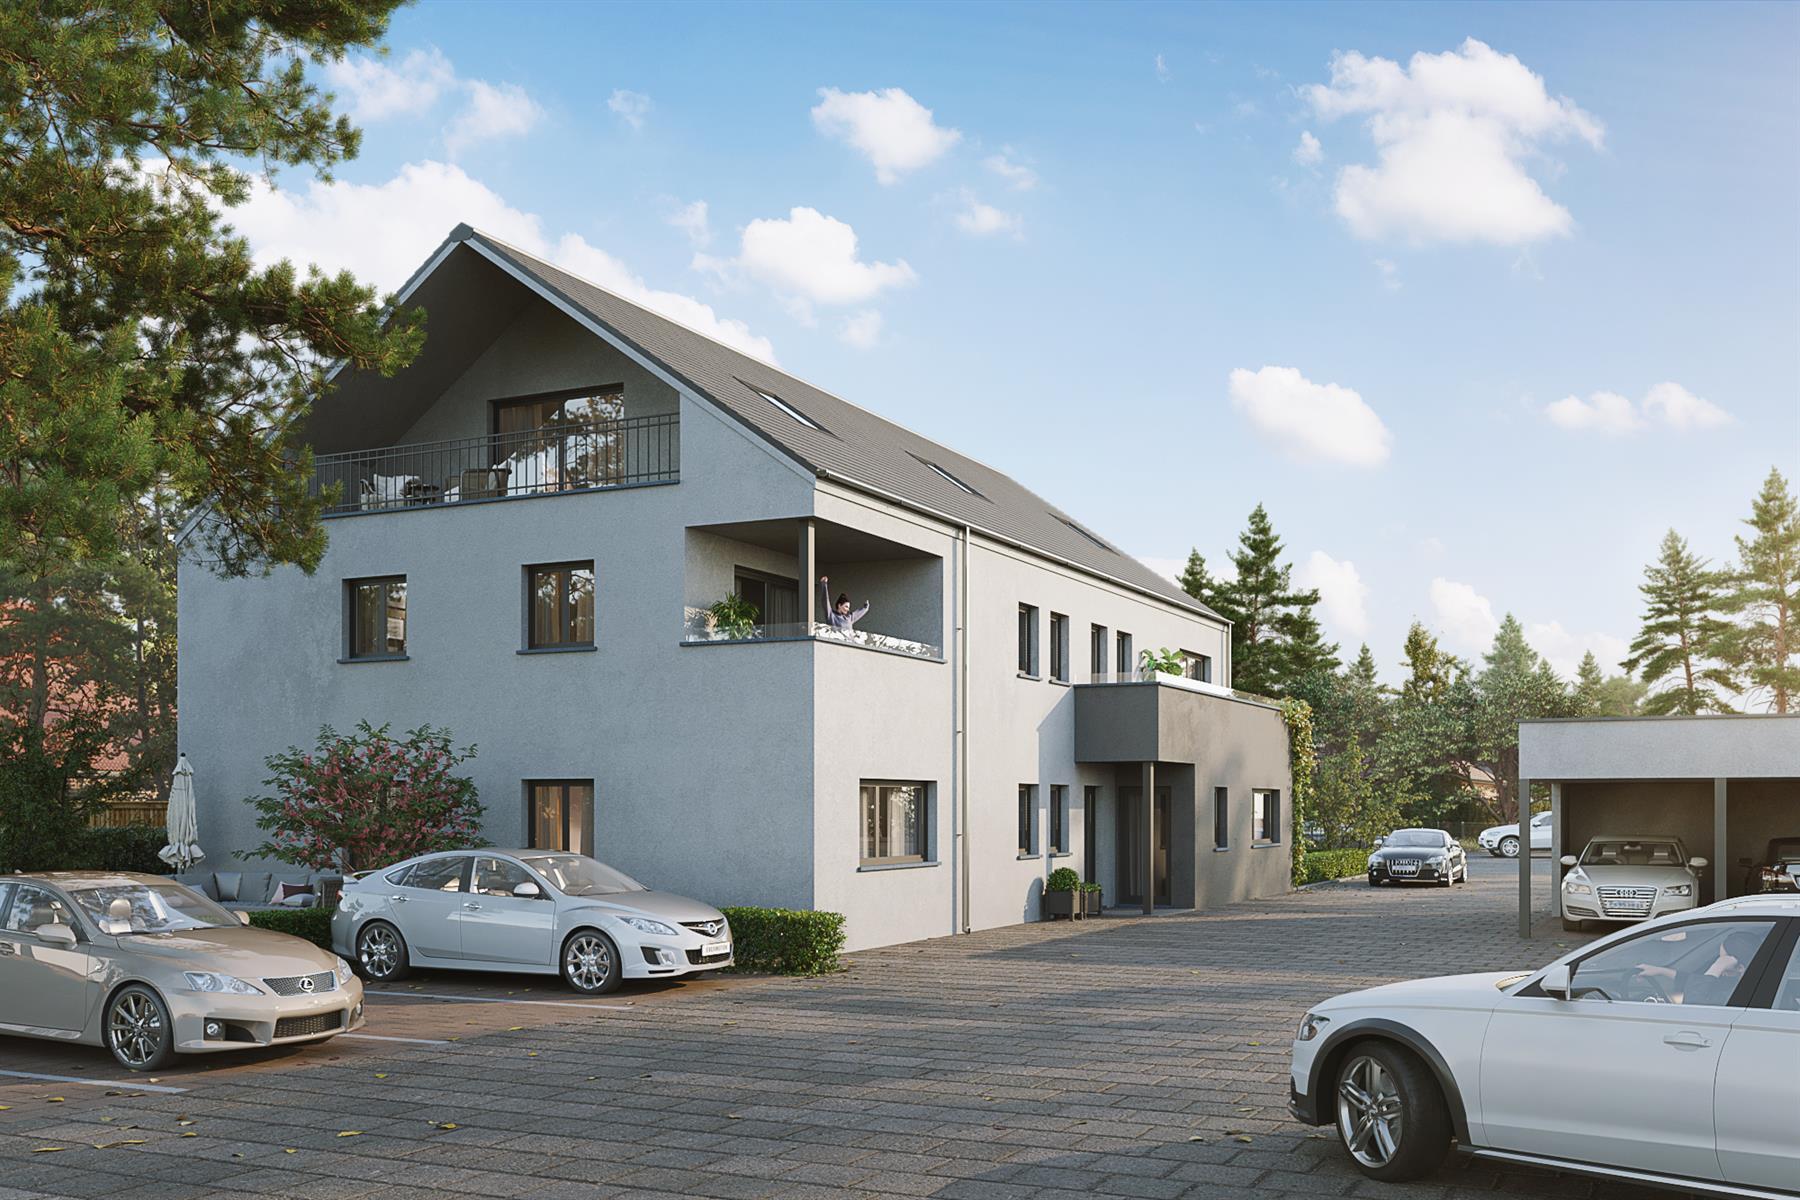 Appartement - Eghezee - #4329560-9